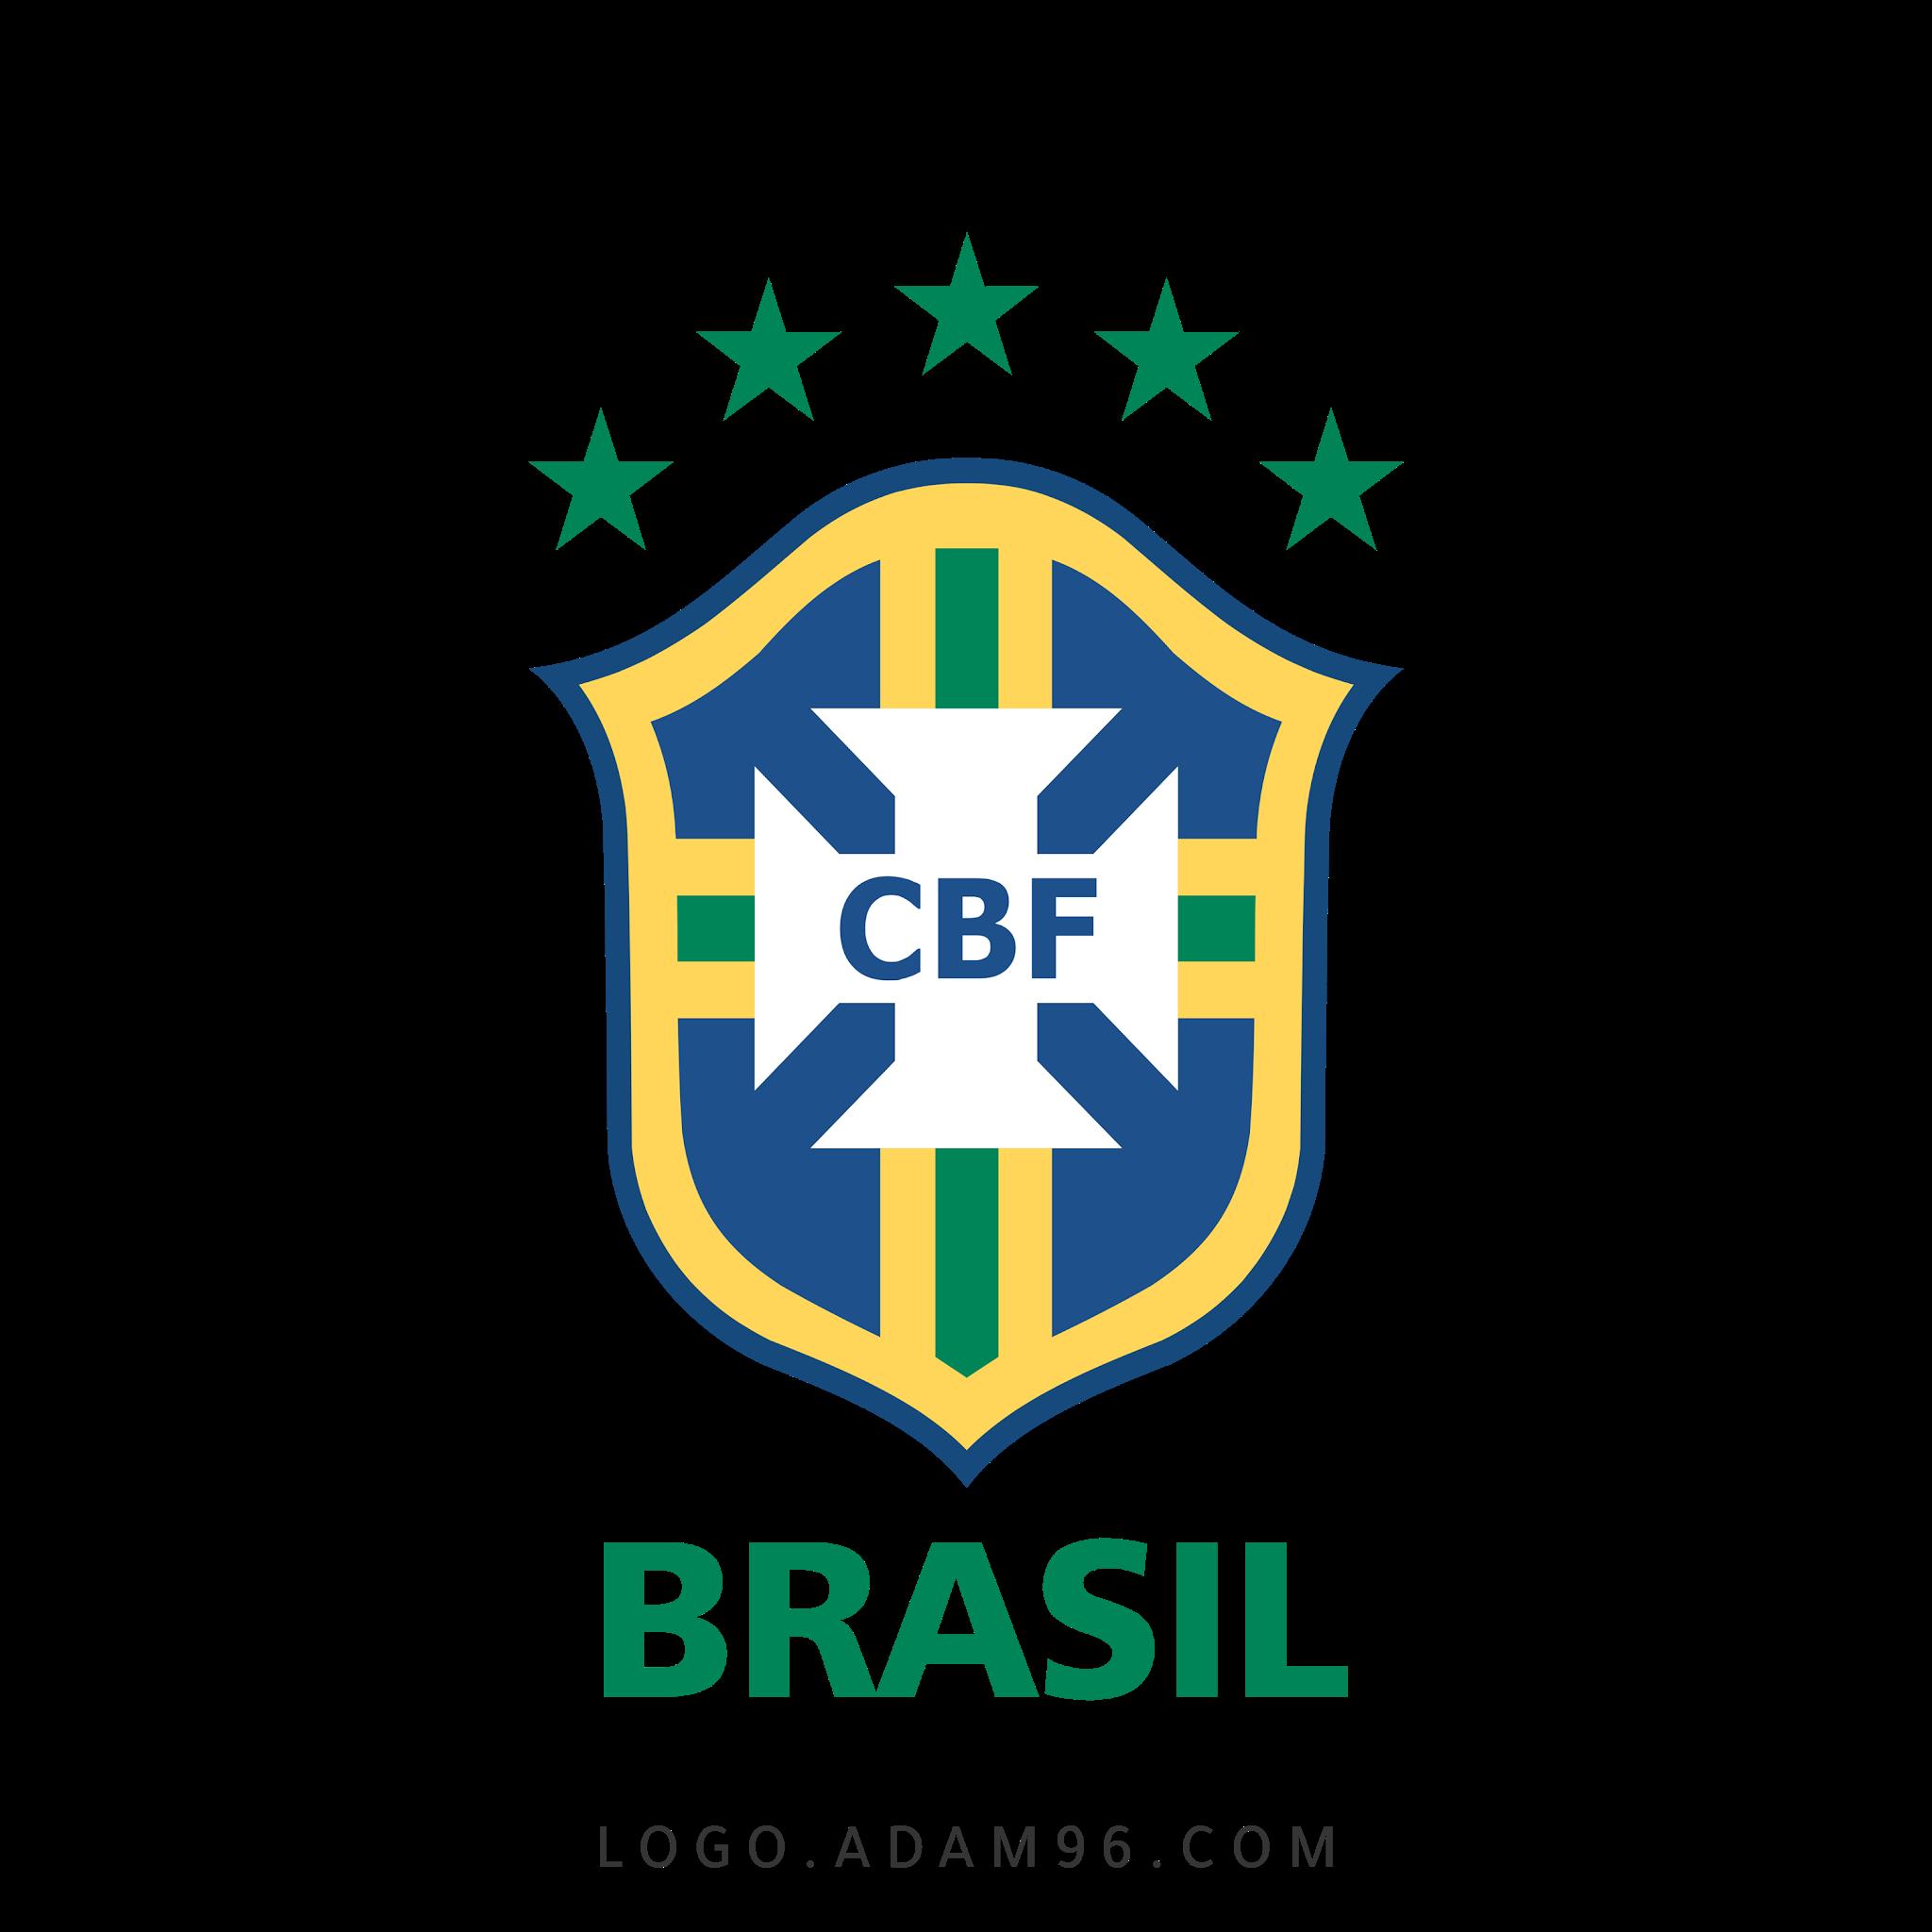 تحميل شعار منتخب البرازيل لكرة القدم لوجو رسمي عالي الدقة بصيغة شفافة PNG